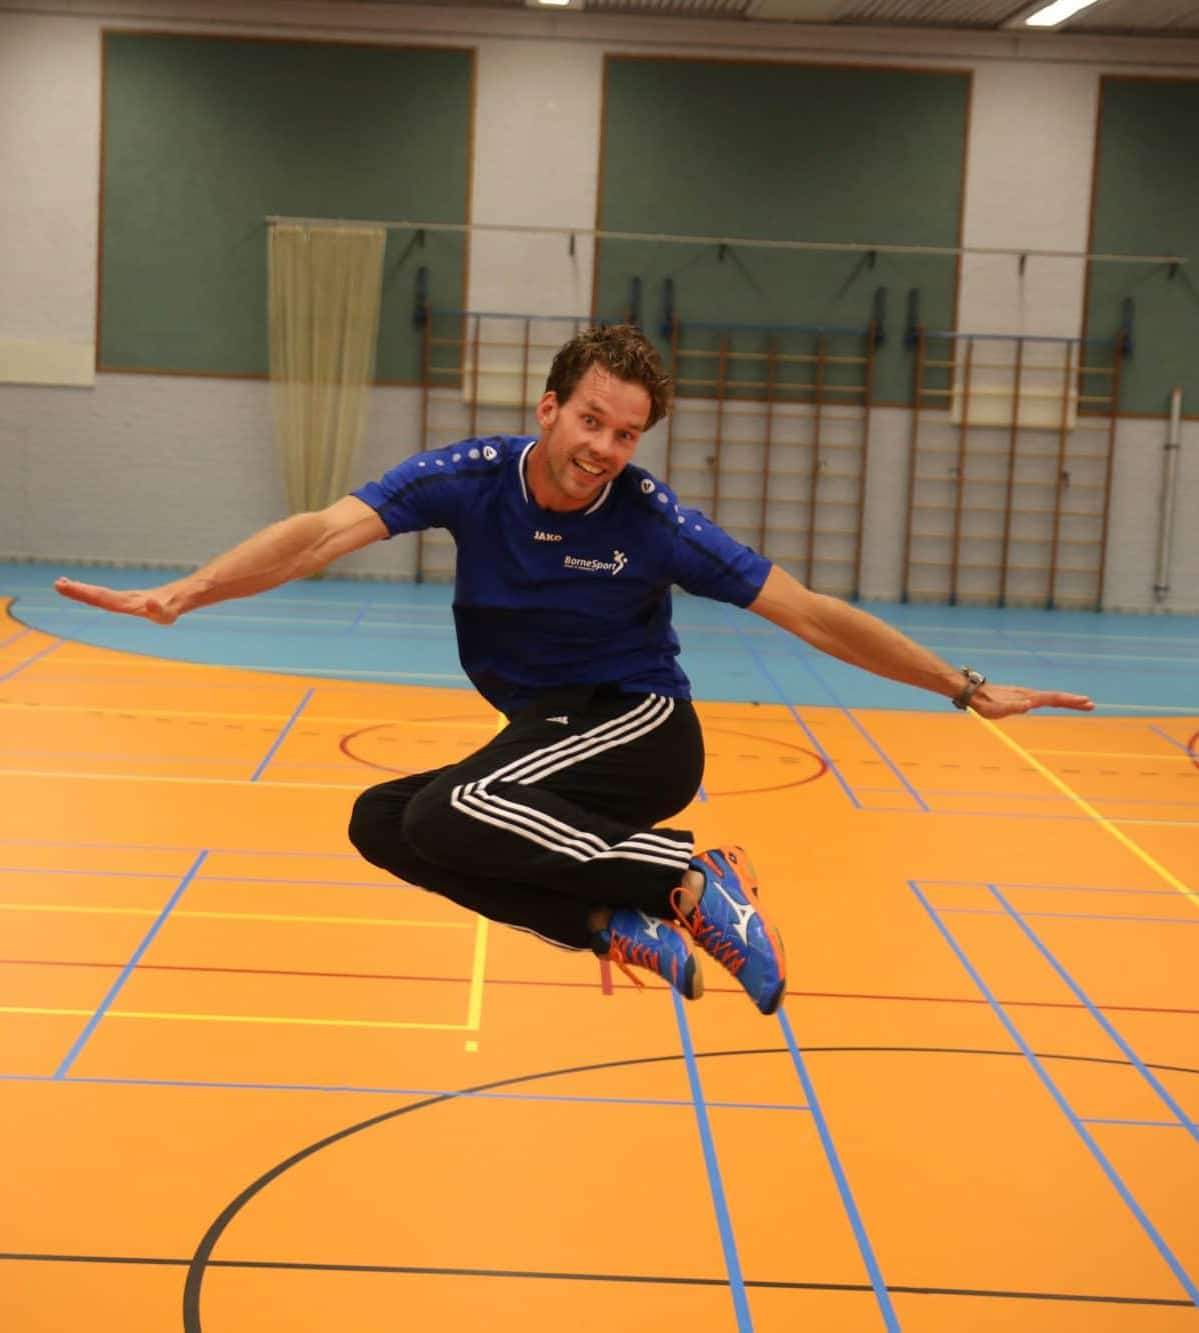 Danny Berghuis